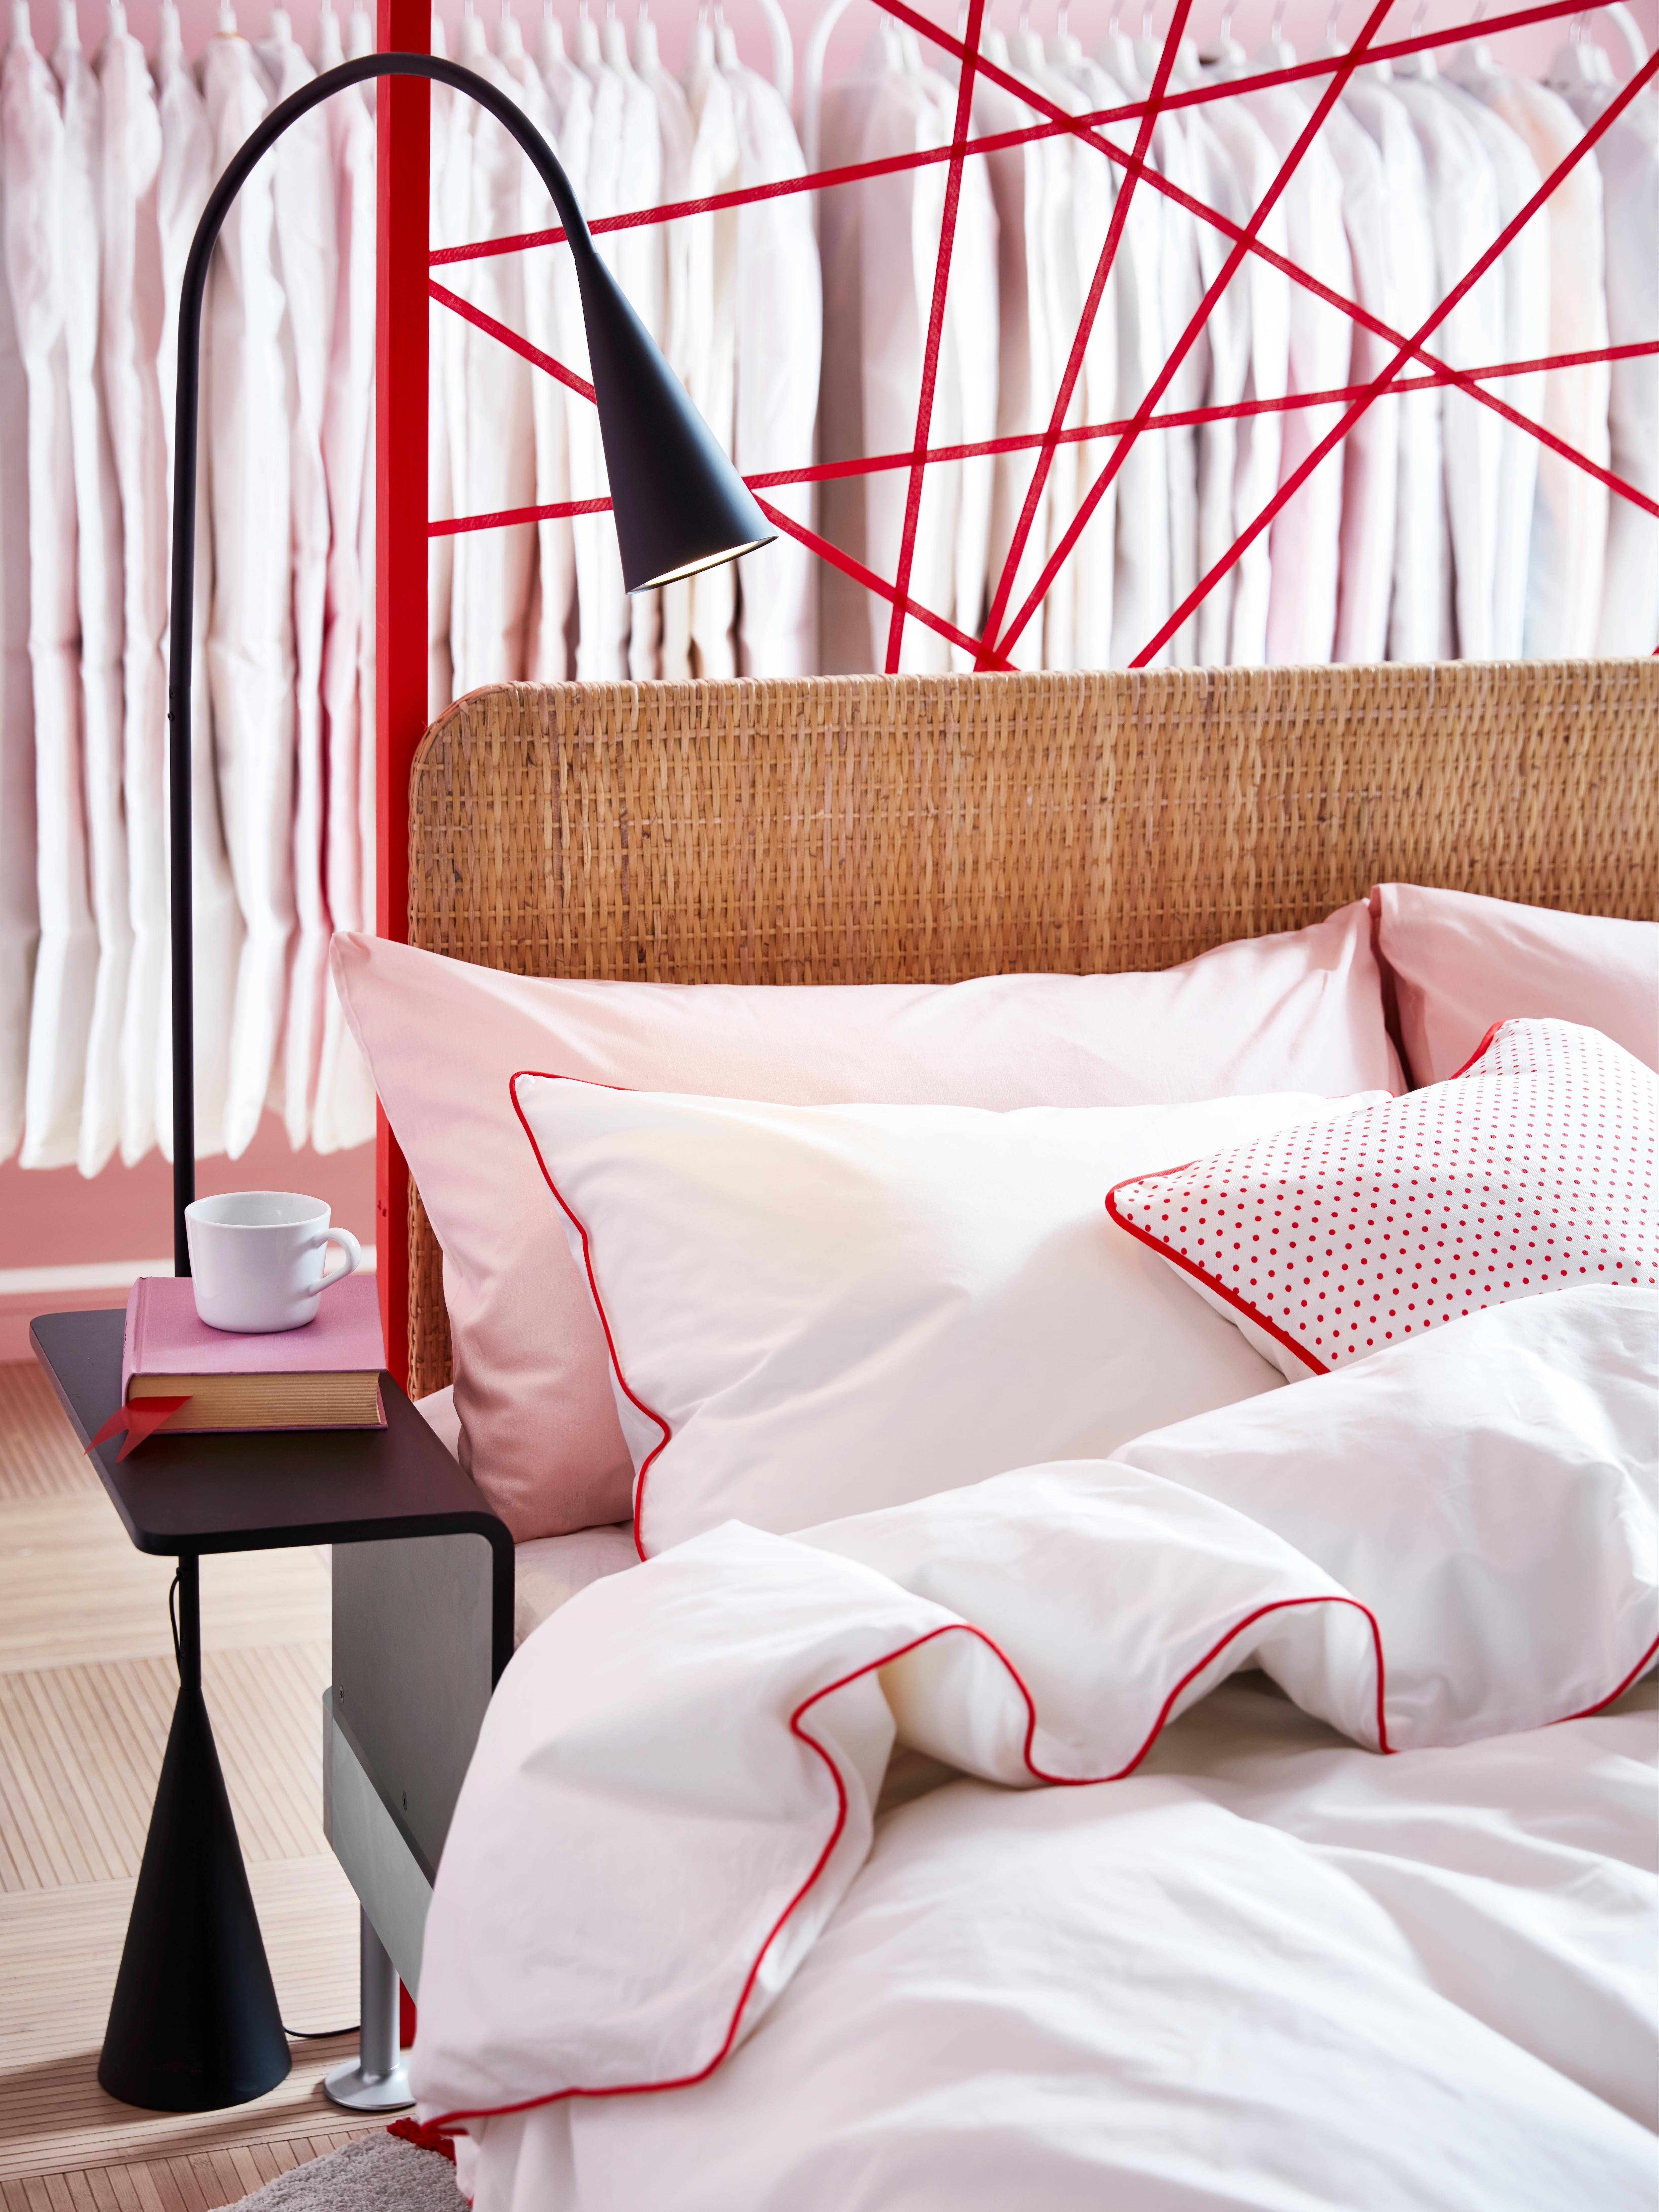 Biancheria da letto bianca su una struttura letto DELAKTIG con testiera in rattan e tavolino con tazza e libro.